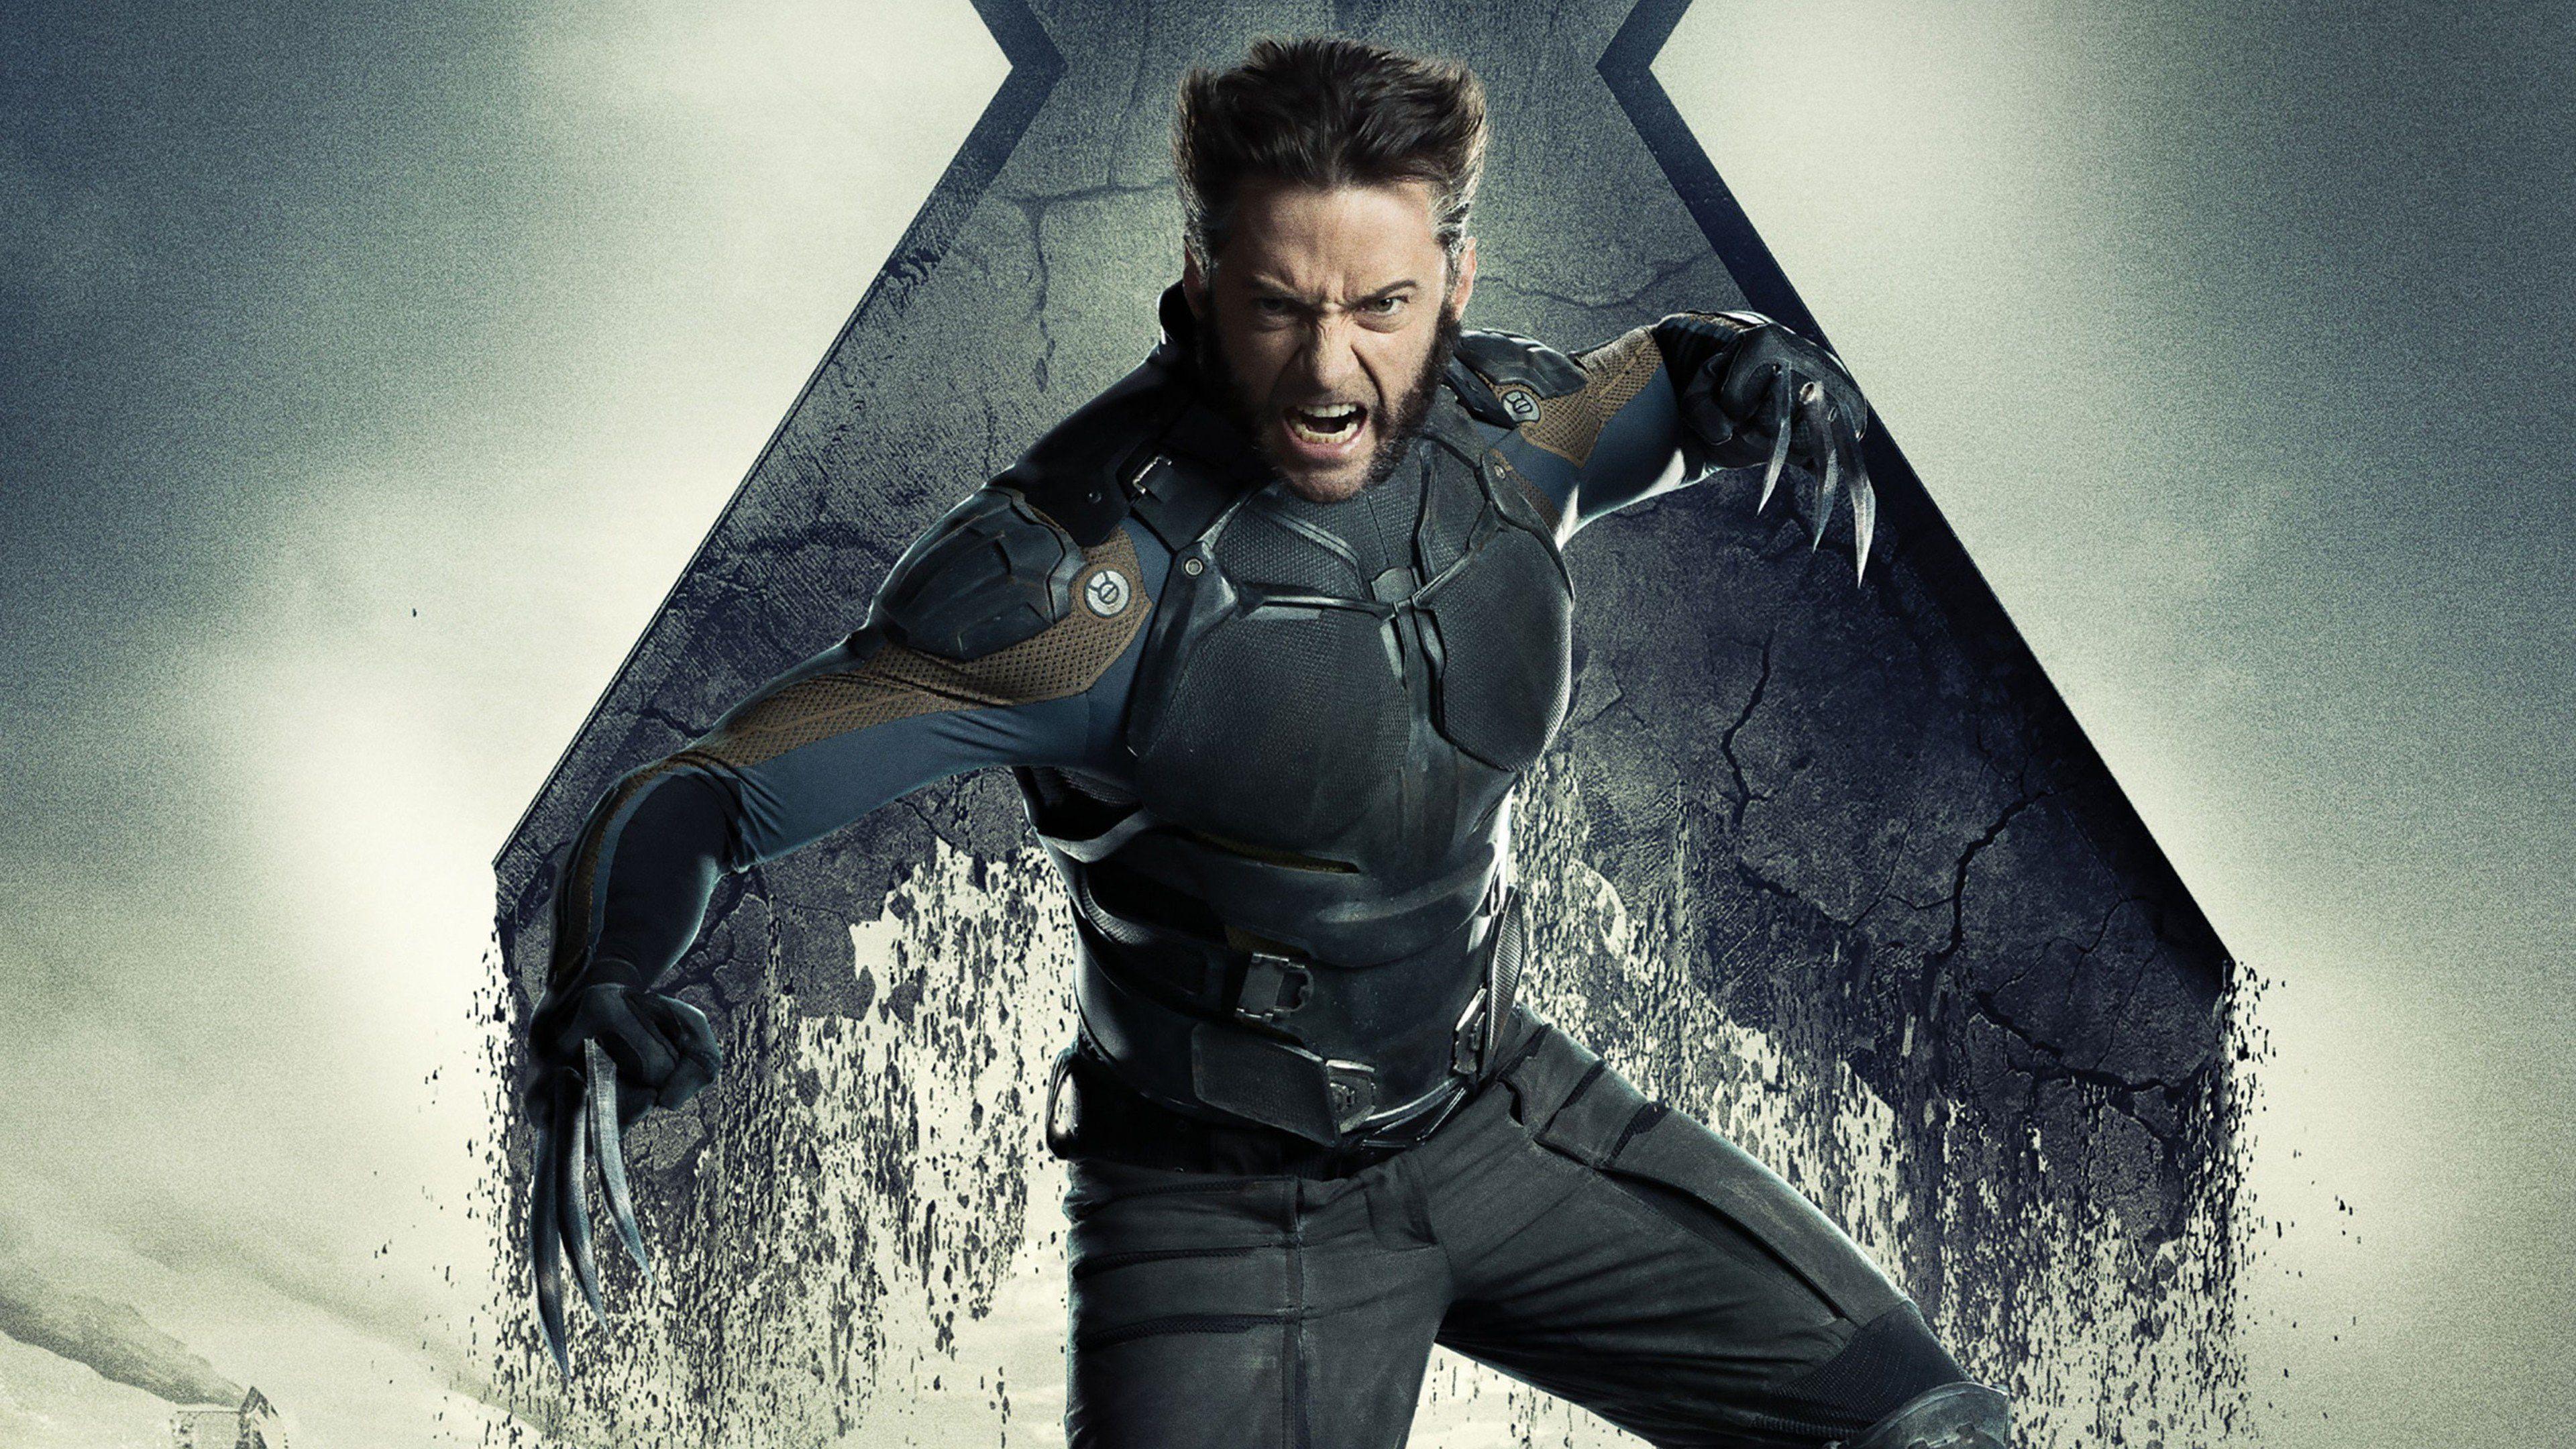 X Men Wolverine 2016 Wallpapers 3840x2160